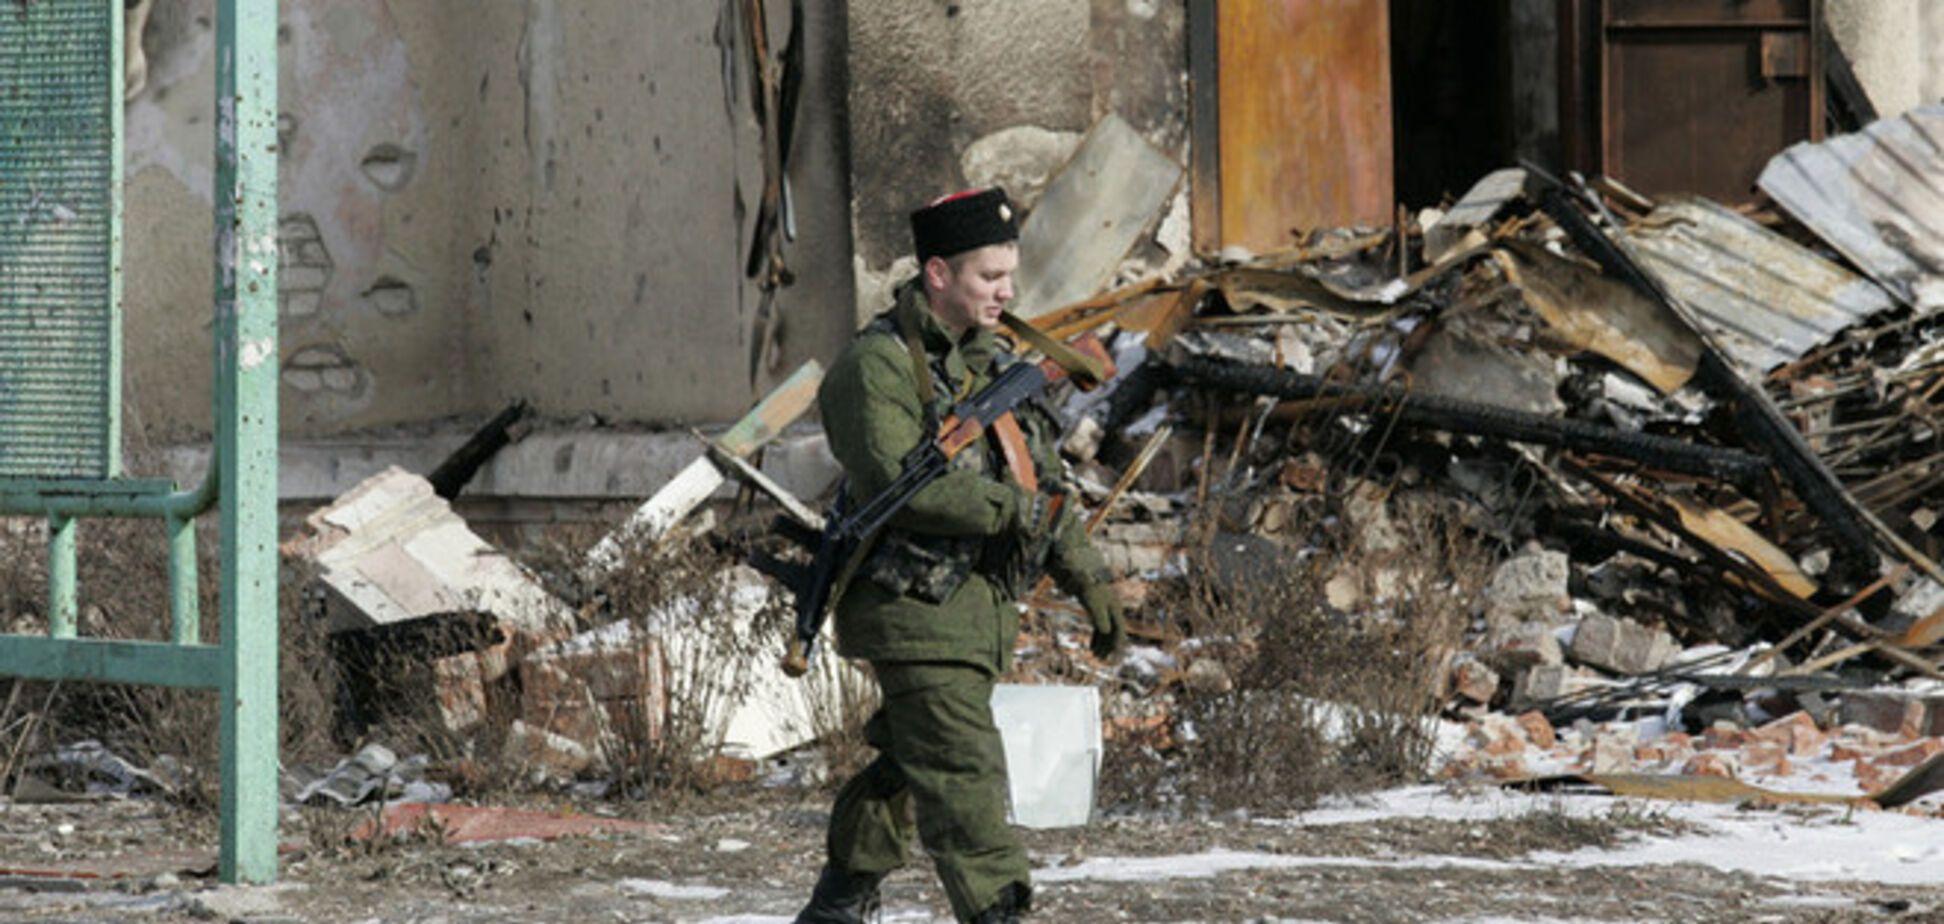 СБУ ликвидировала информаторскую сеть боевиков в Донецкой области